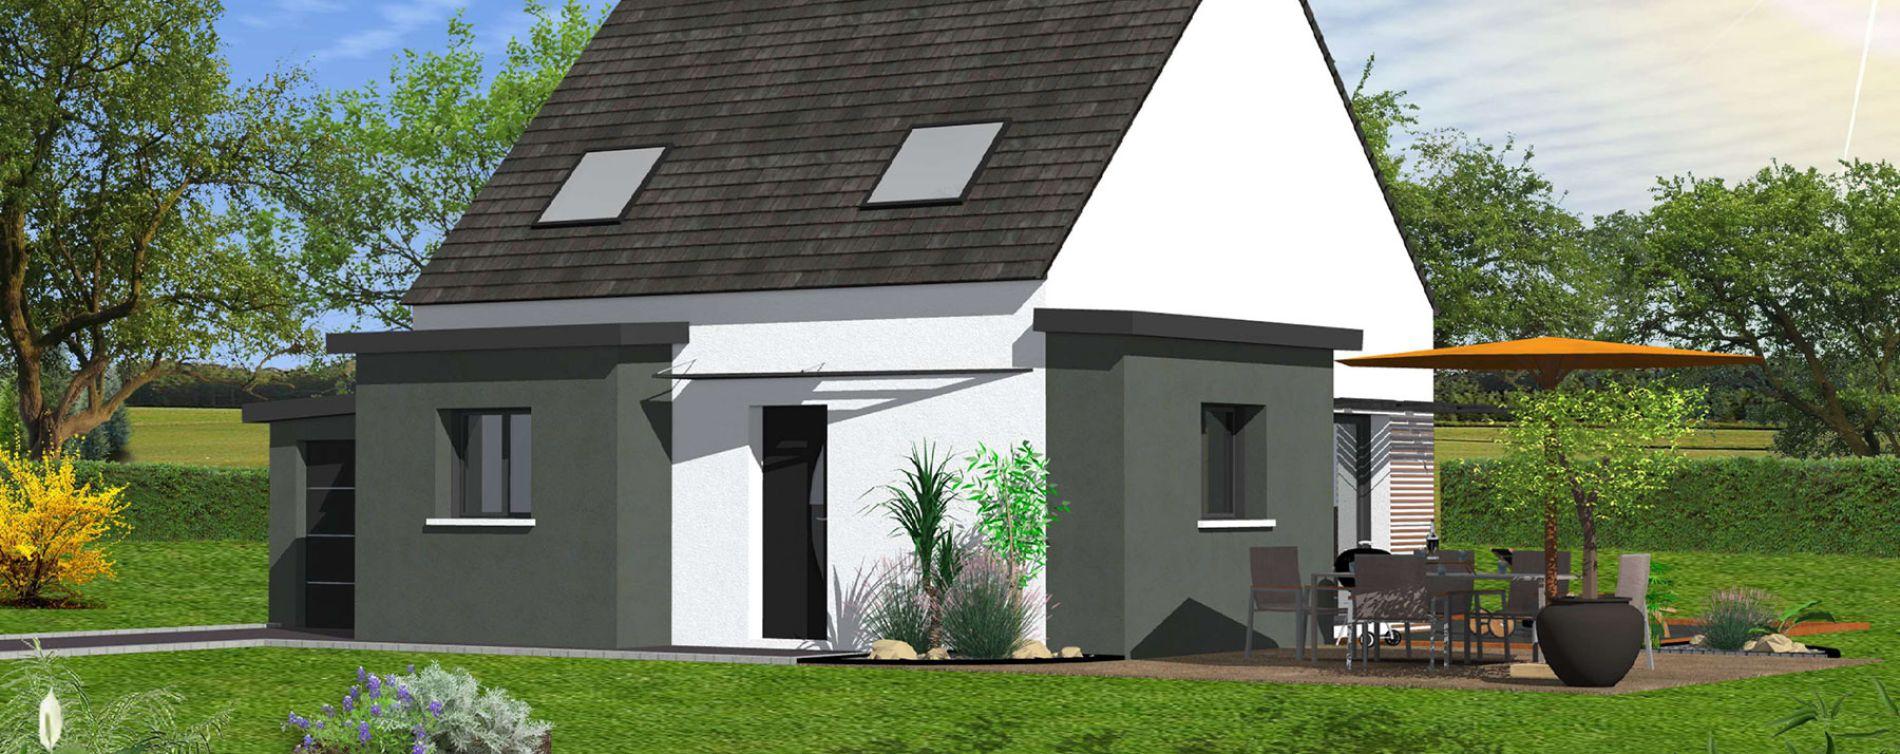 Brélès : programme immobilier neuve « Les Hauts de L'Aber Ildut » (5)